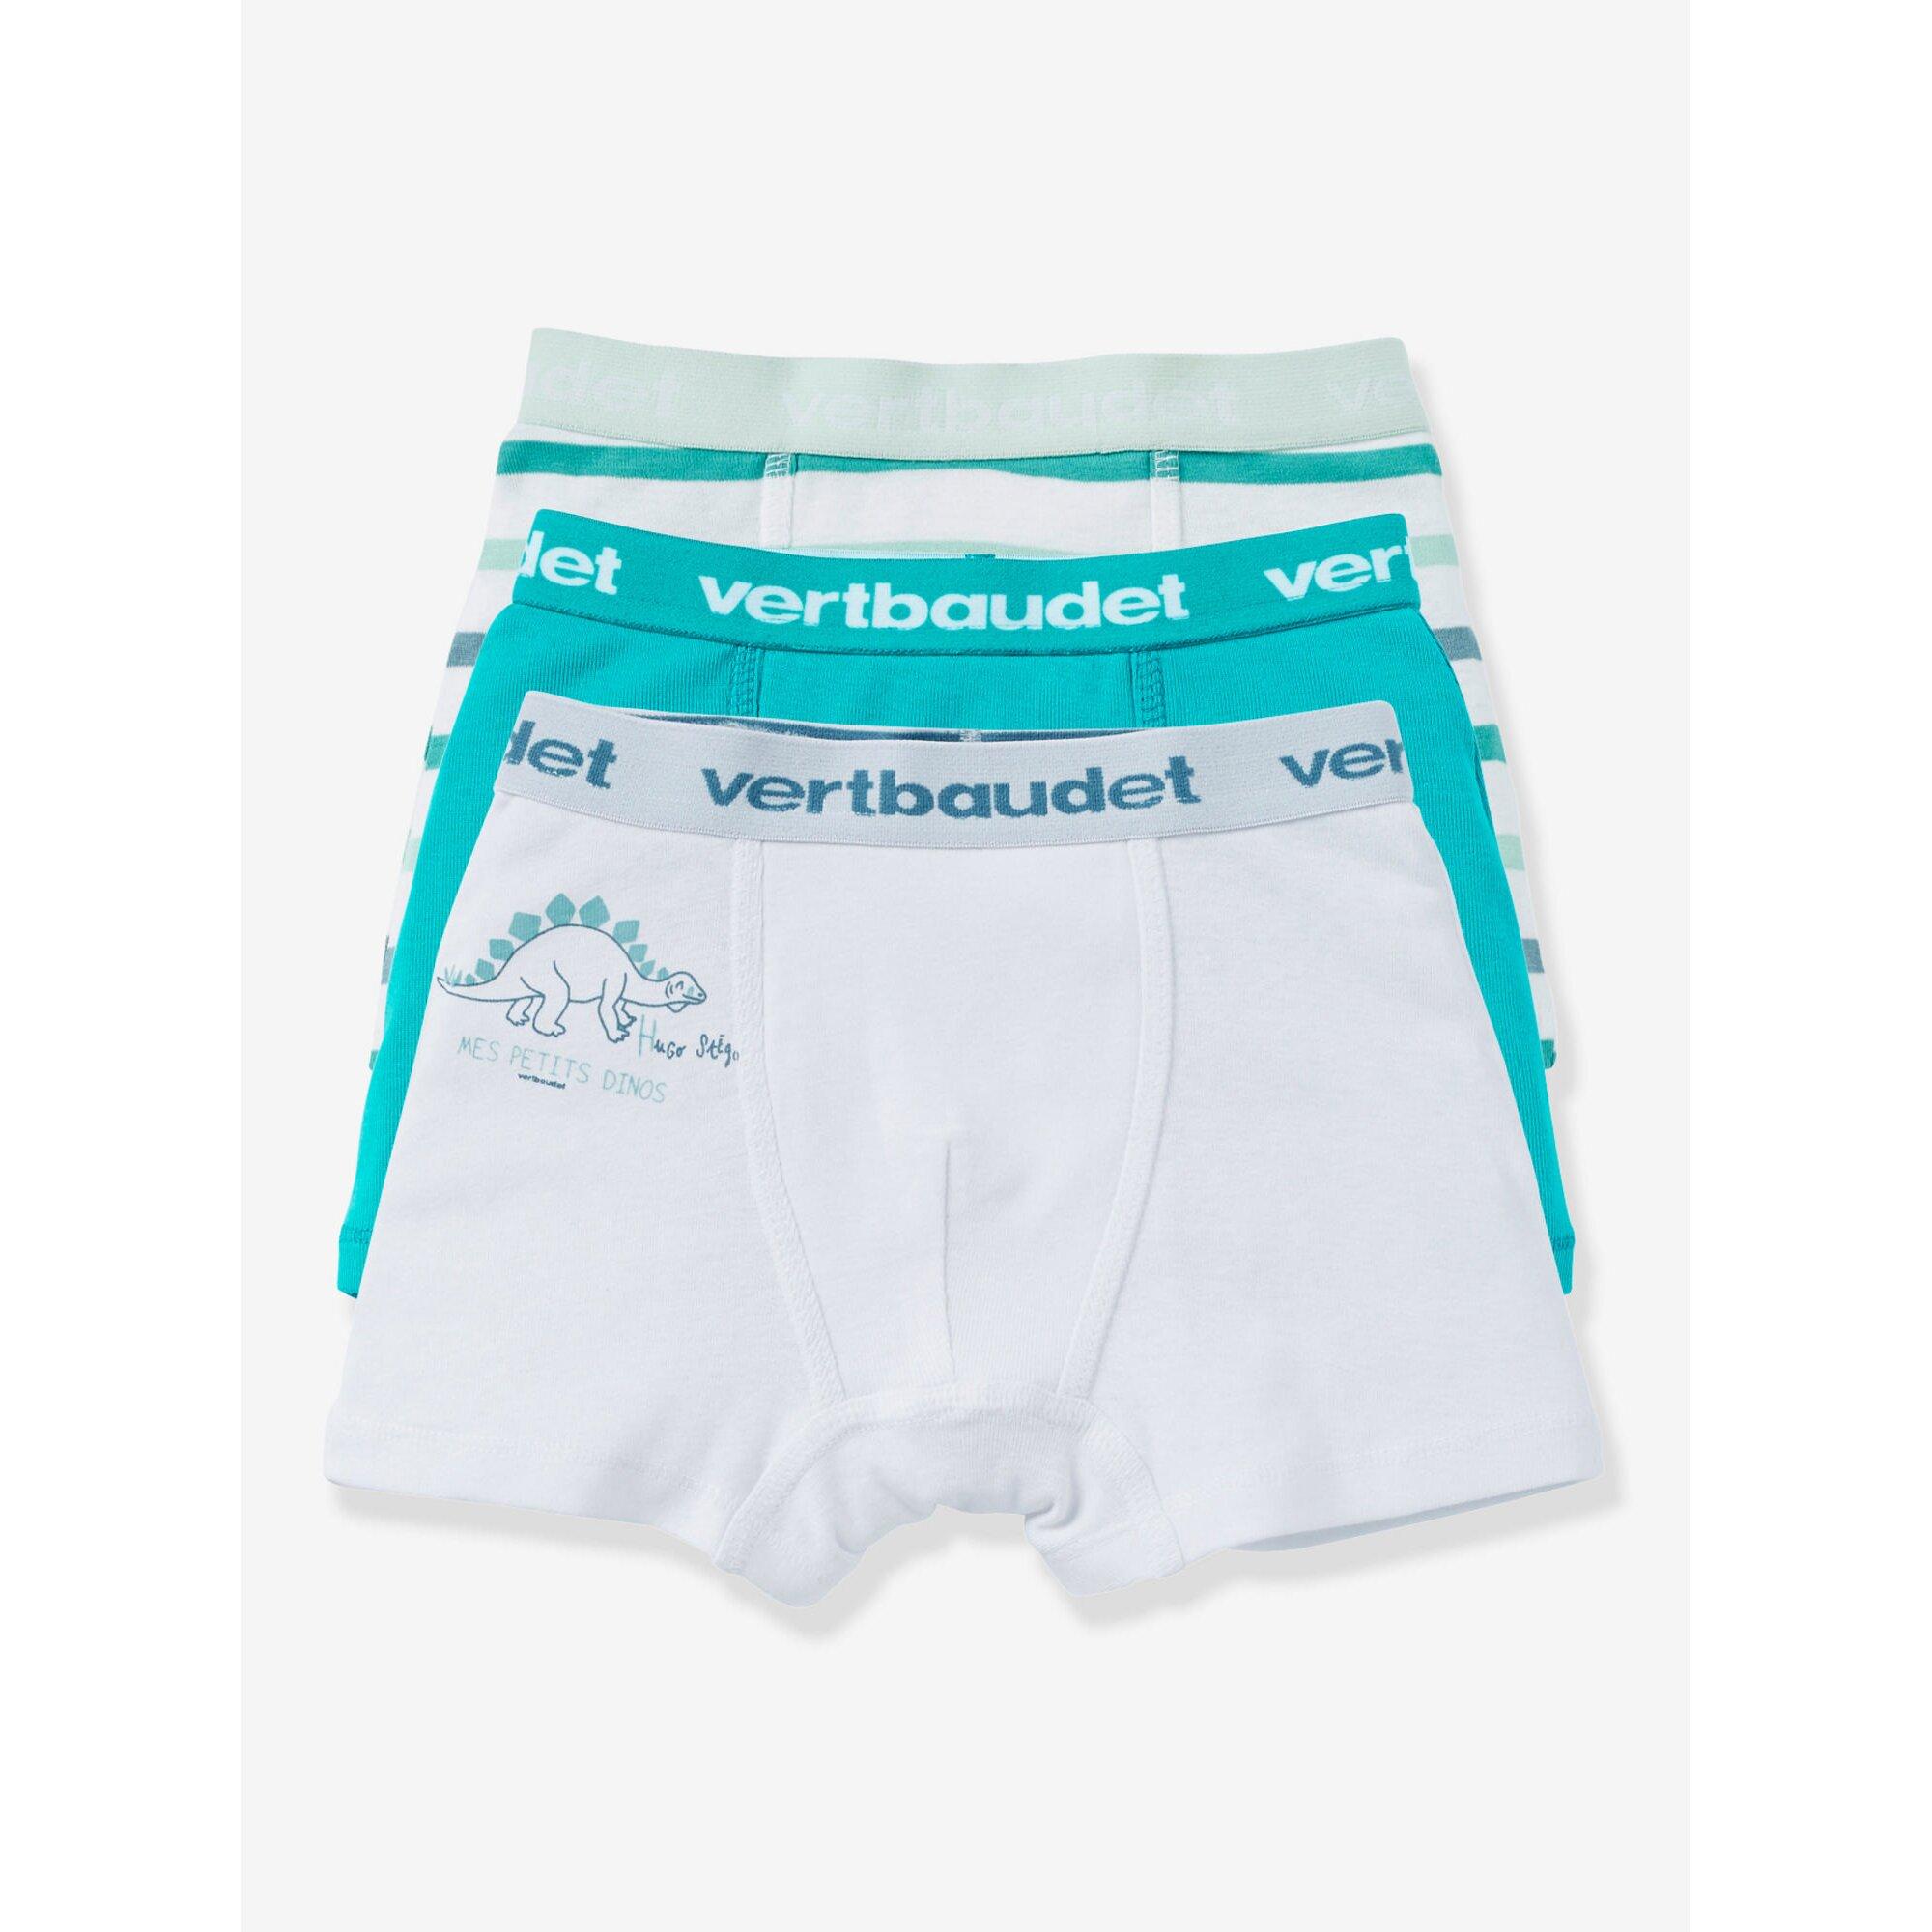 vertbaudet-3er-pack-jungen-boxershorts-stretch, 13.99 EUR @ babywalz-de